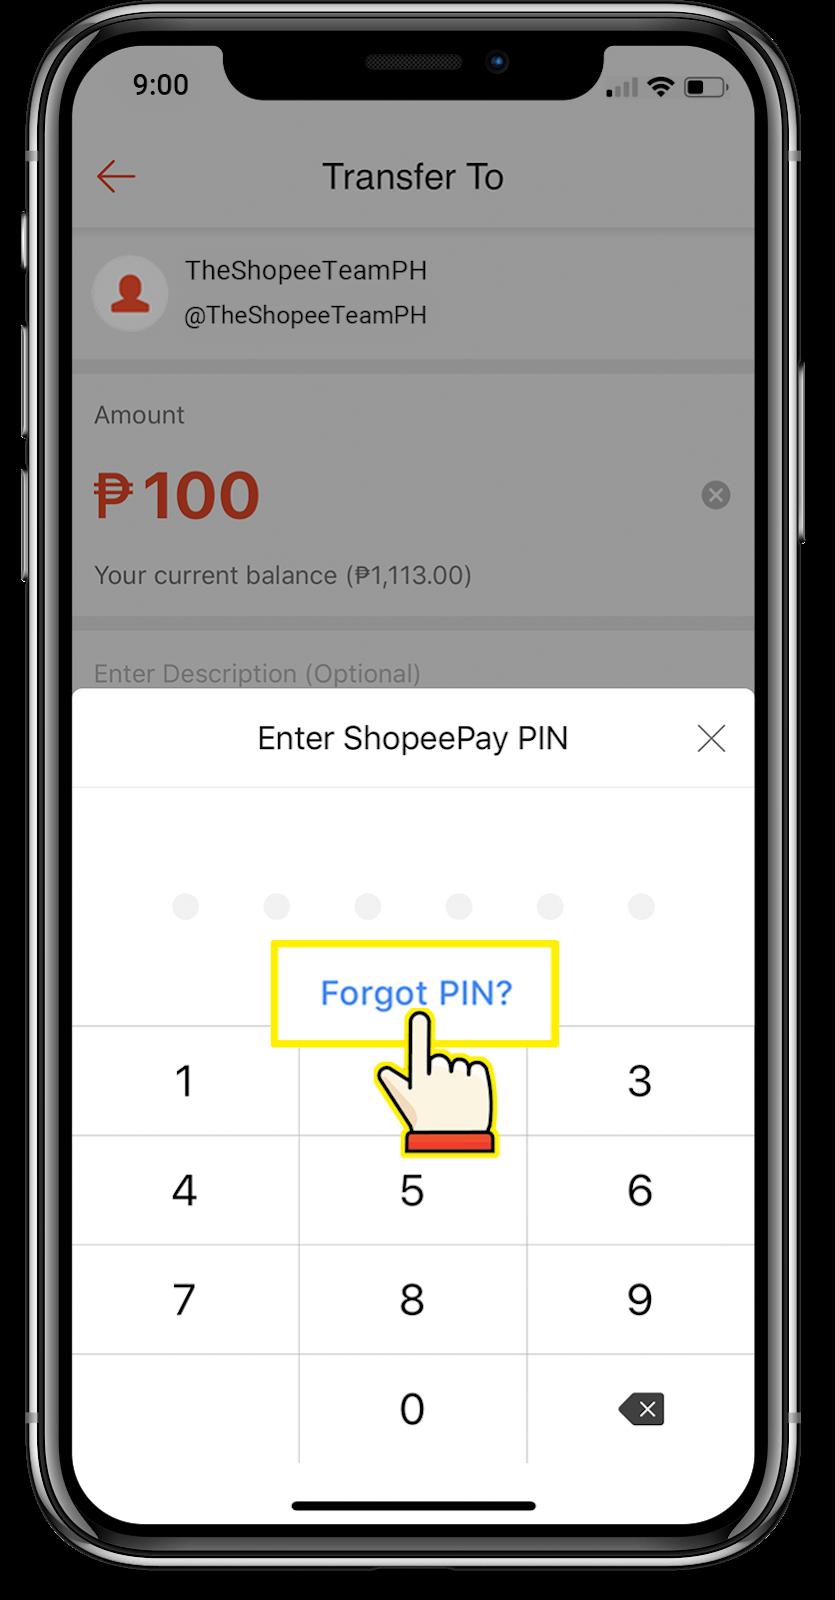 生活攻略-我忘记了我的ShopeePay PIN码。如何重置?-菲律宾中文网(8)